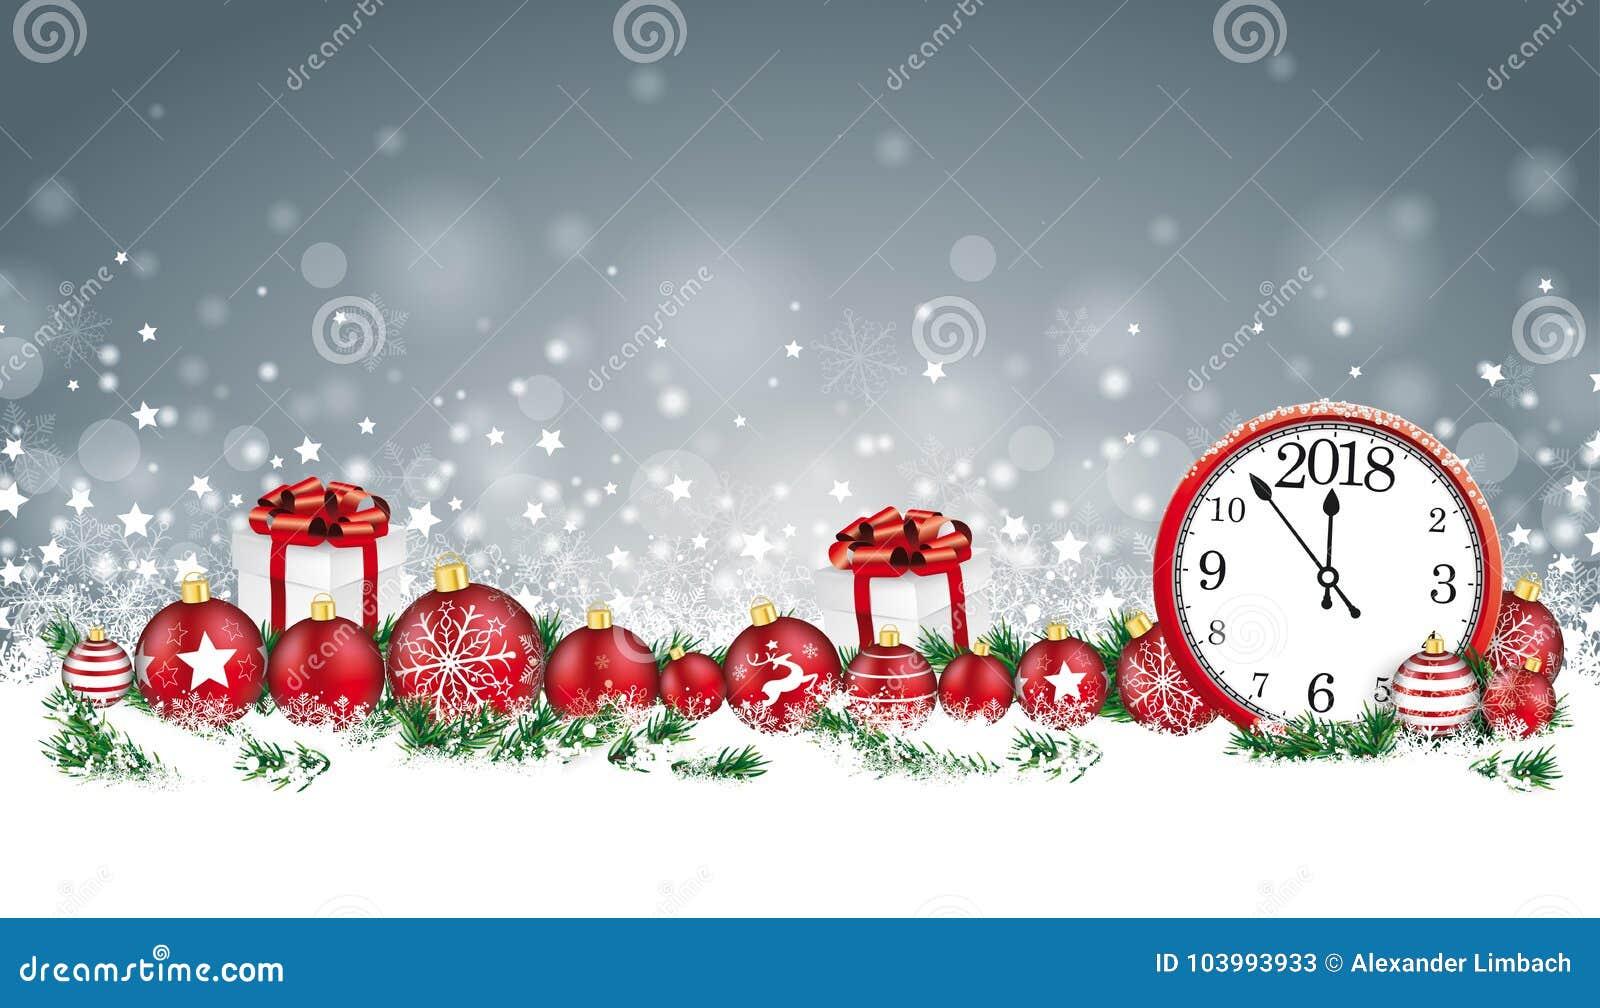 Kerstkaartkopbal Gray Snowflakes Baubles Gifts Clock 2018